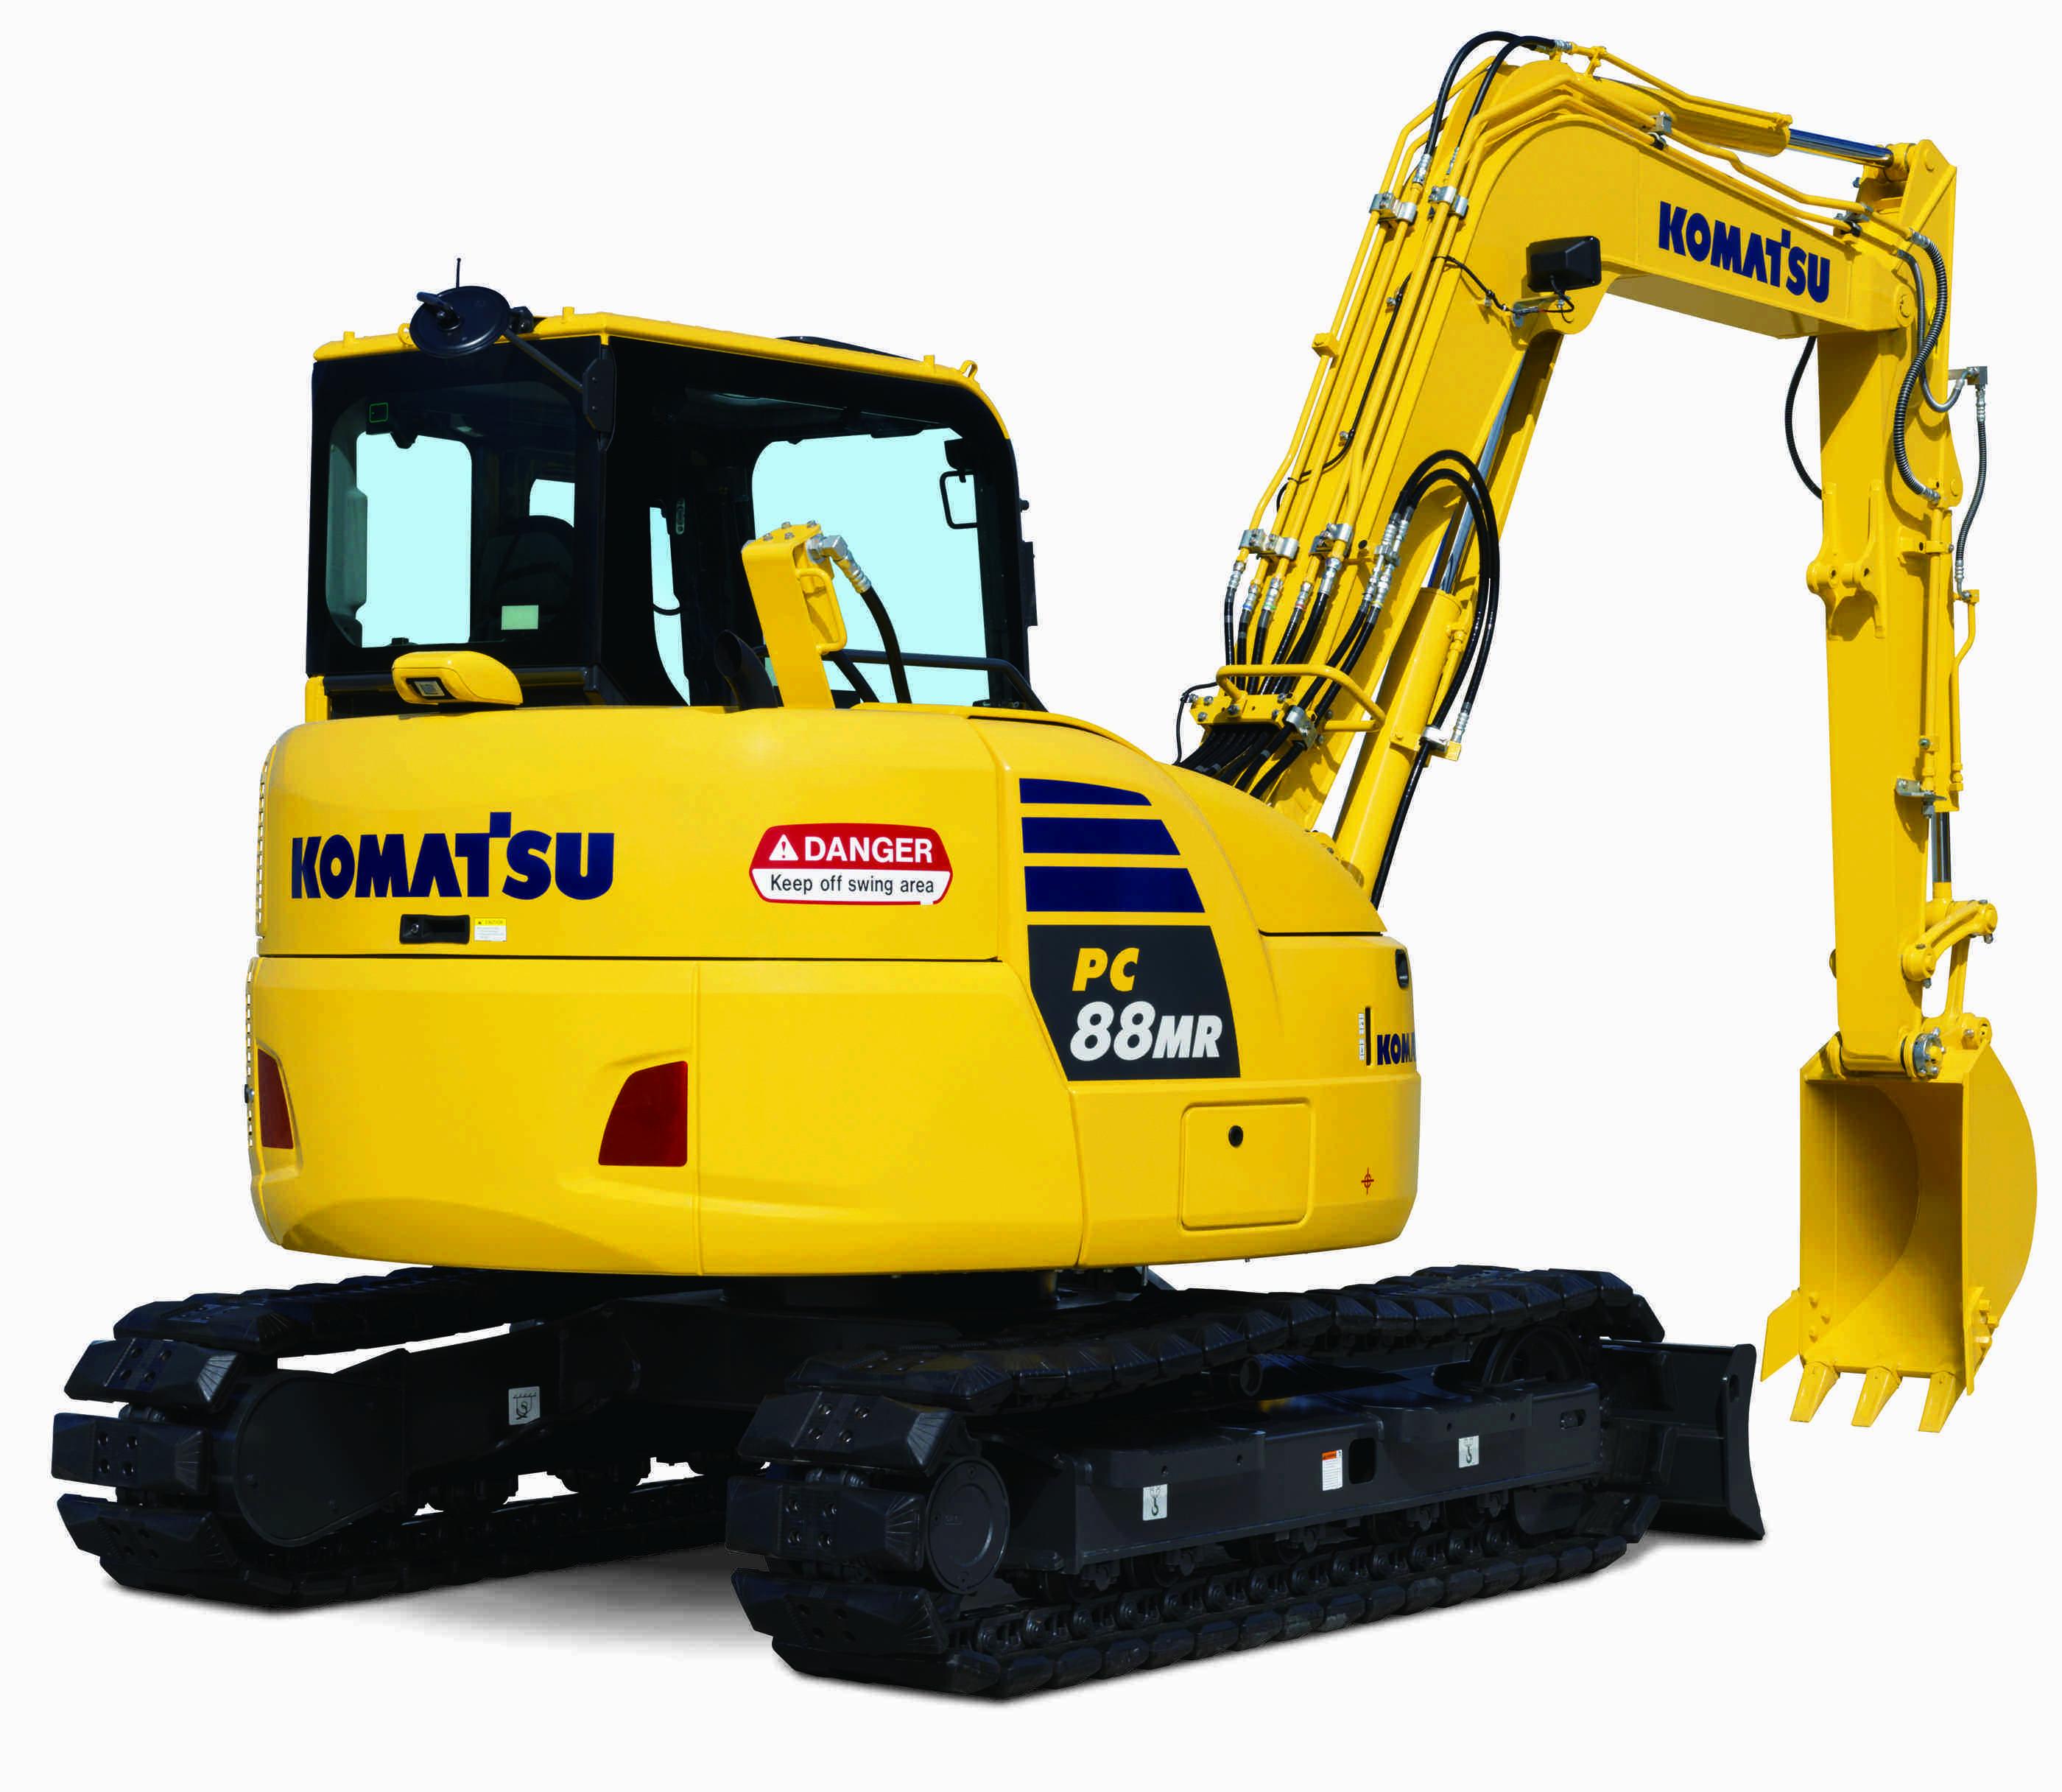 Komatsu rolls out 6 new hydraulic excavators, 2 dozers and